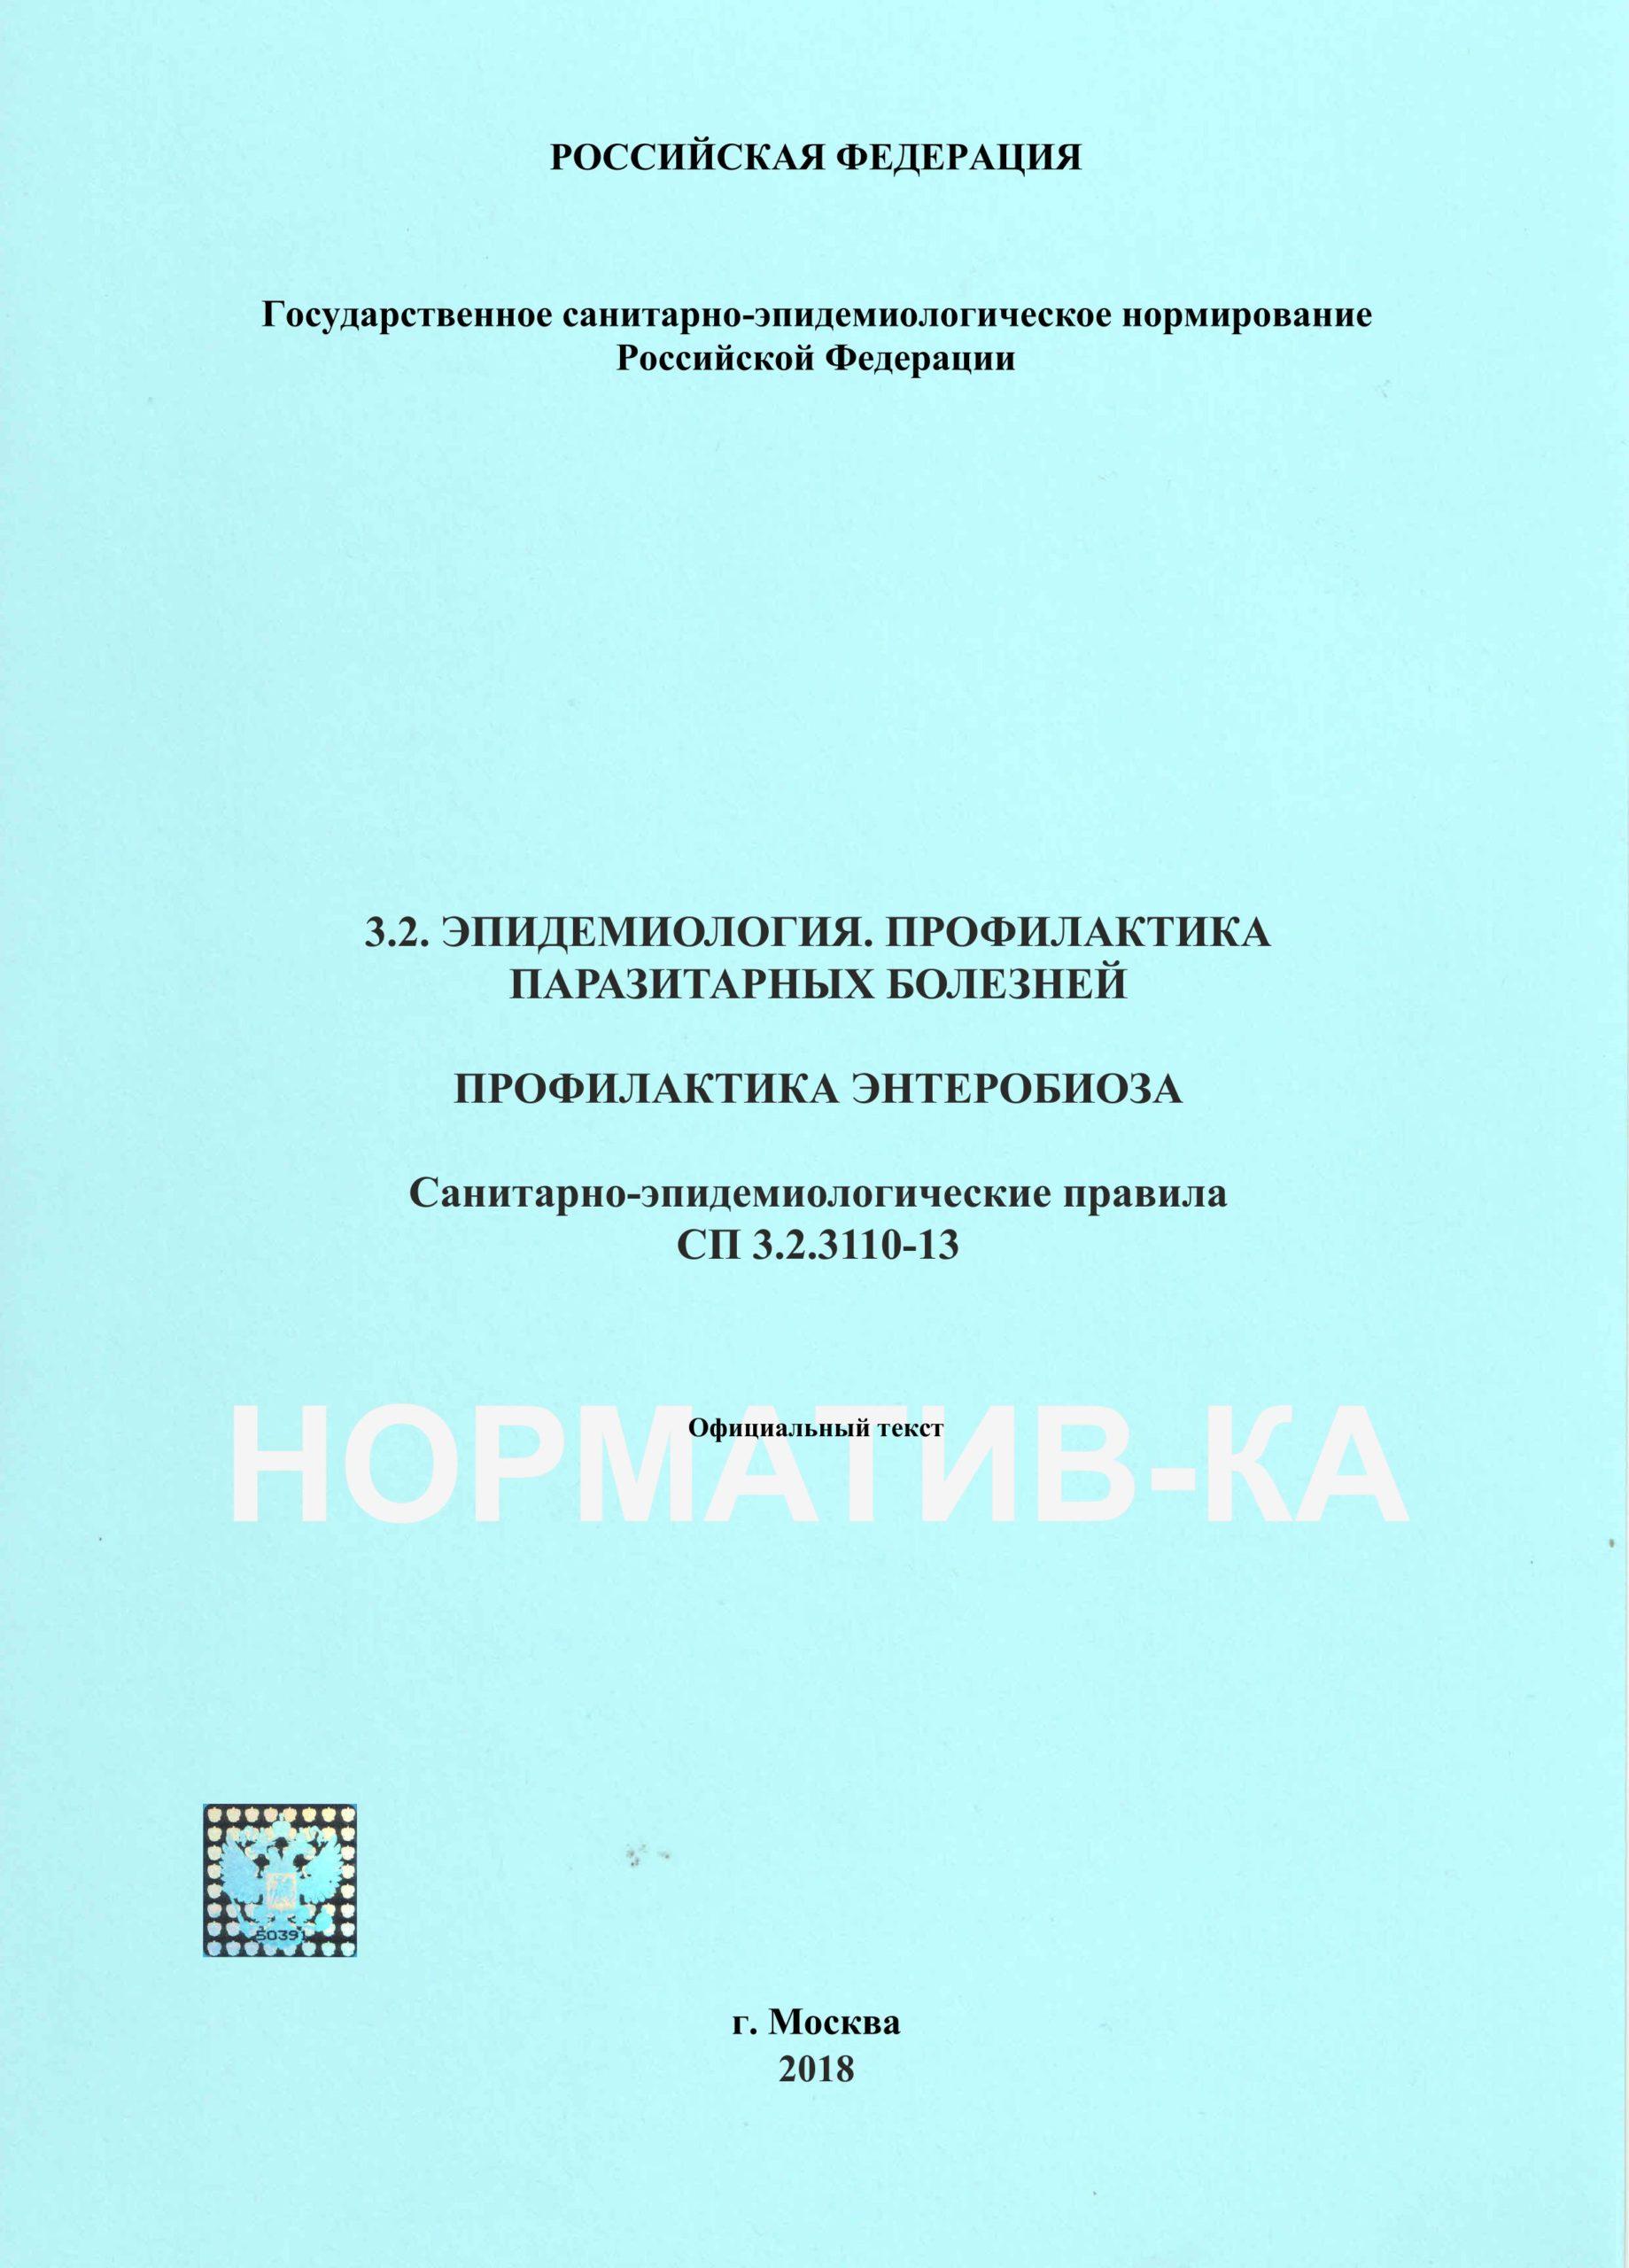 СП 3.2.3110-13